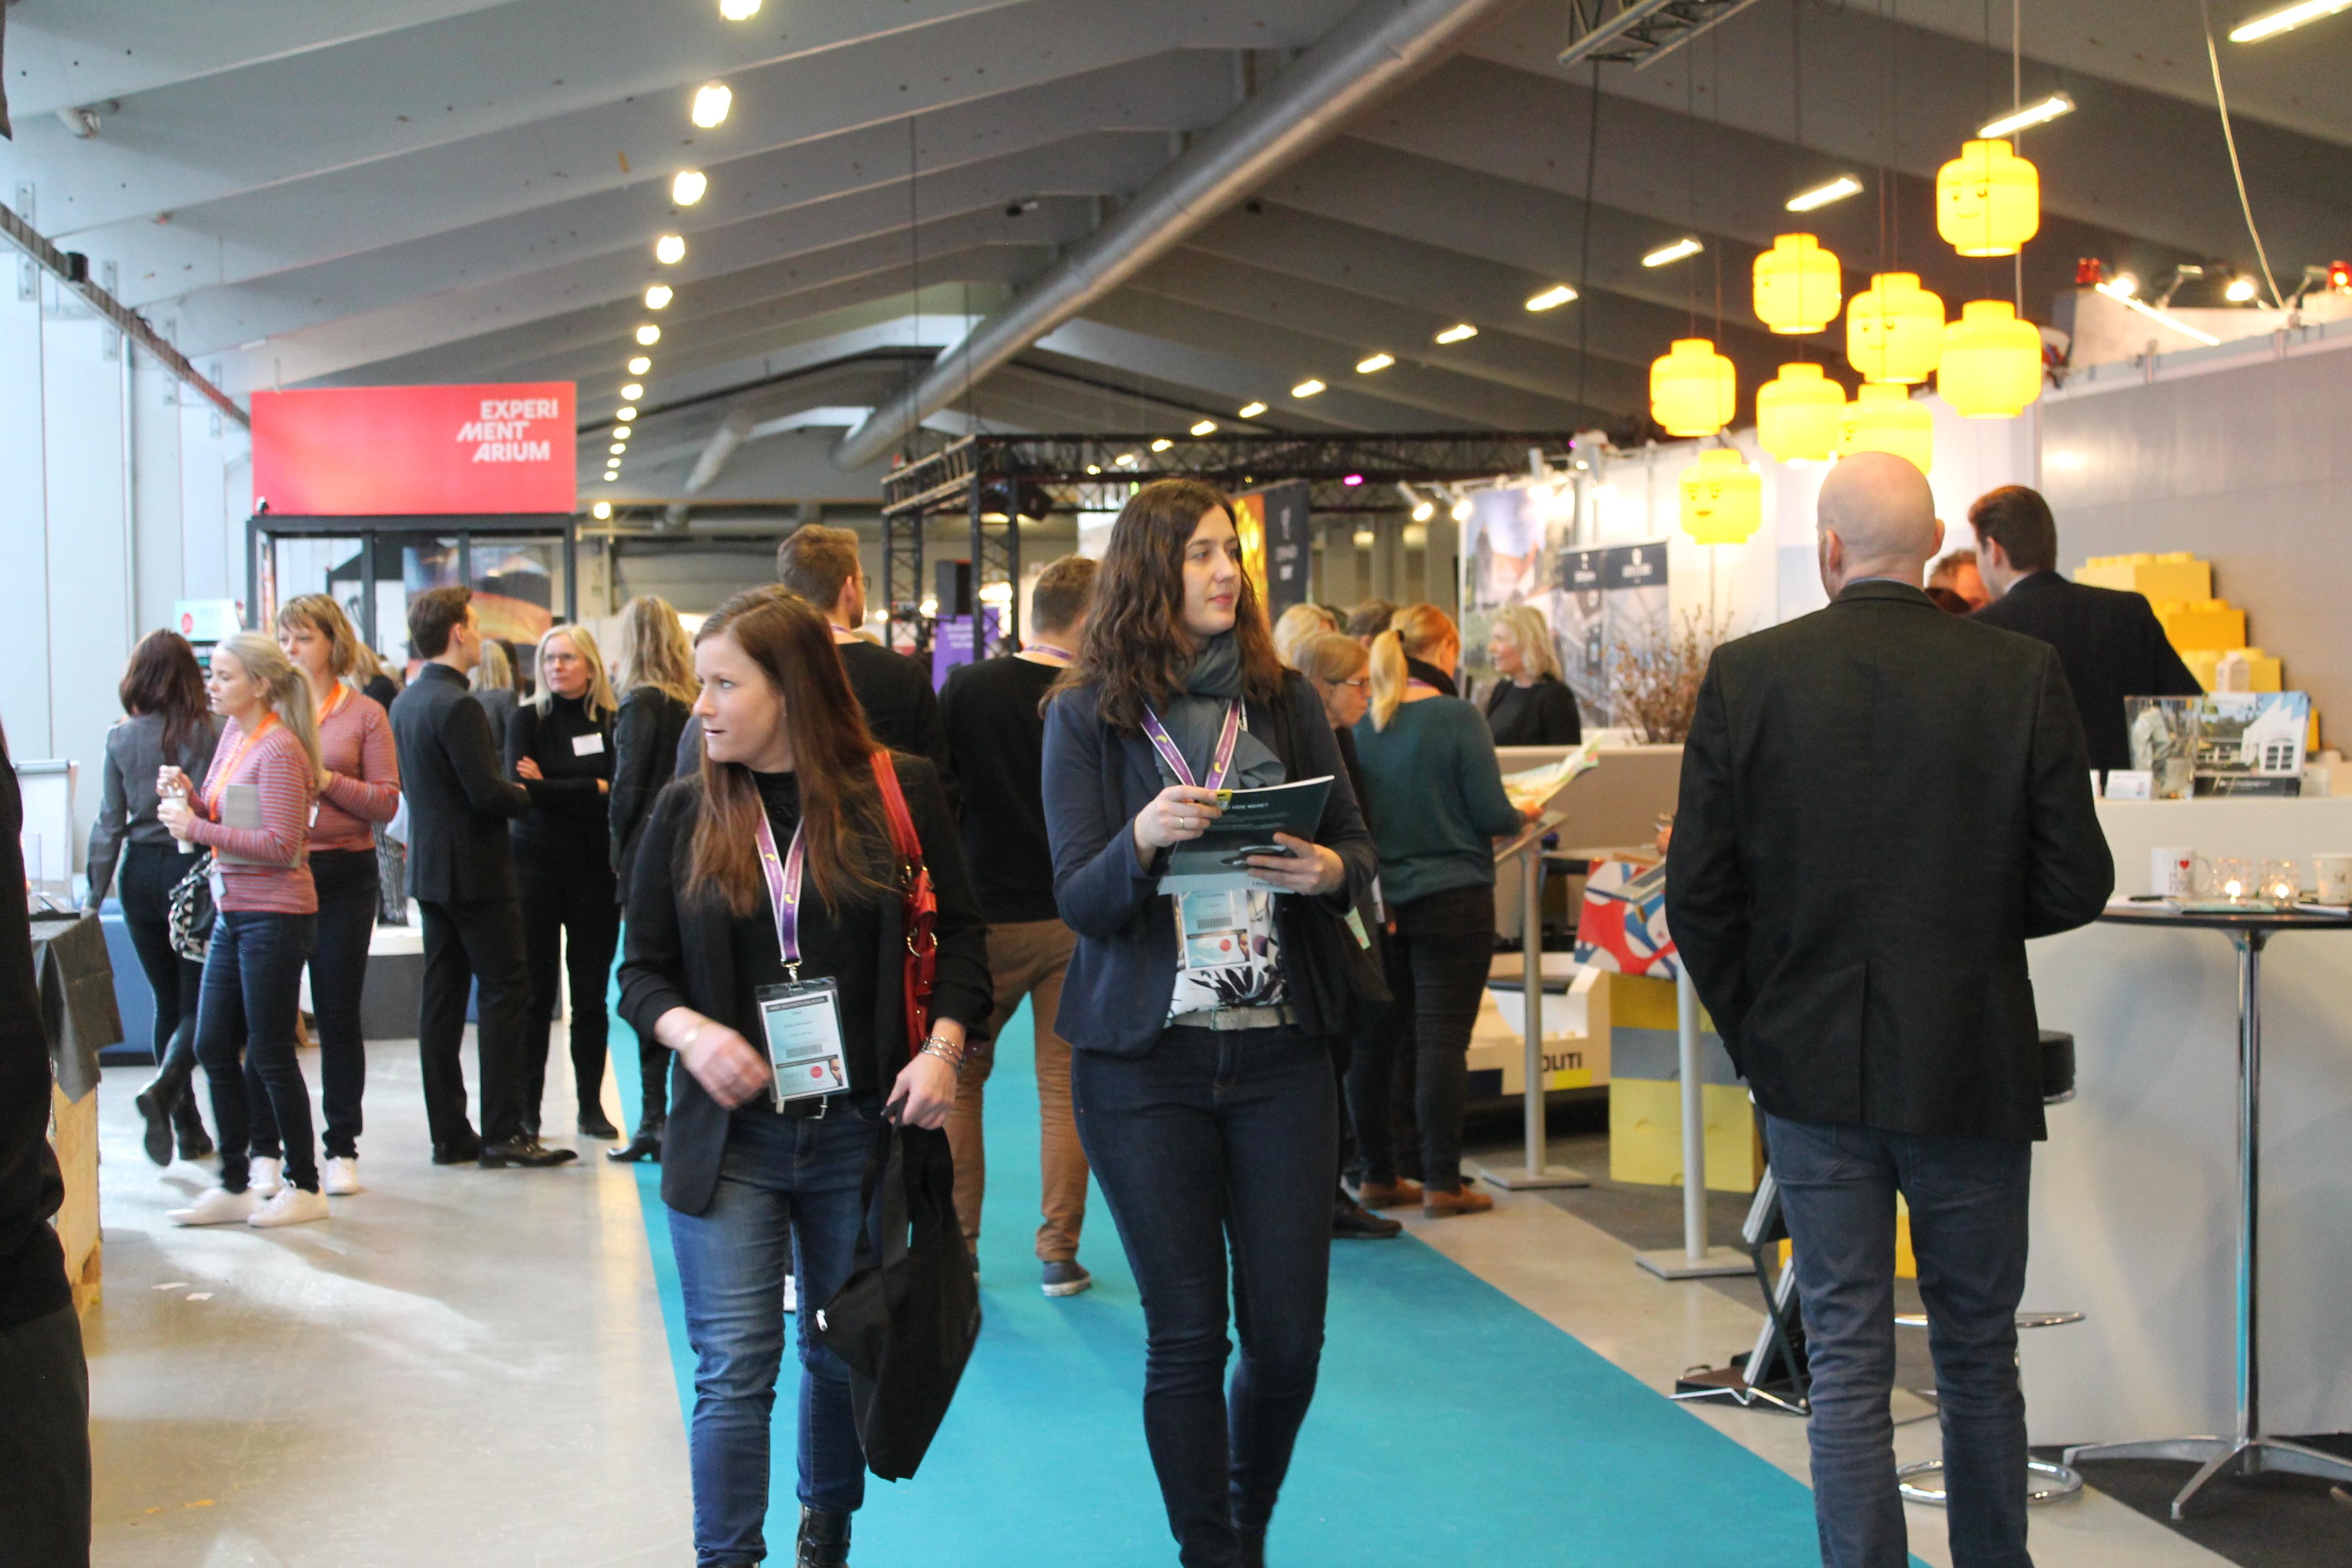 MICE-messen Nordic Meetings & Events Expo, der hidtil har heddet Møde & Eventmessen, afvikles i denne uge i Bella Center – blandt talerne er Grevinde Alexandra. Pressefoto.